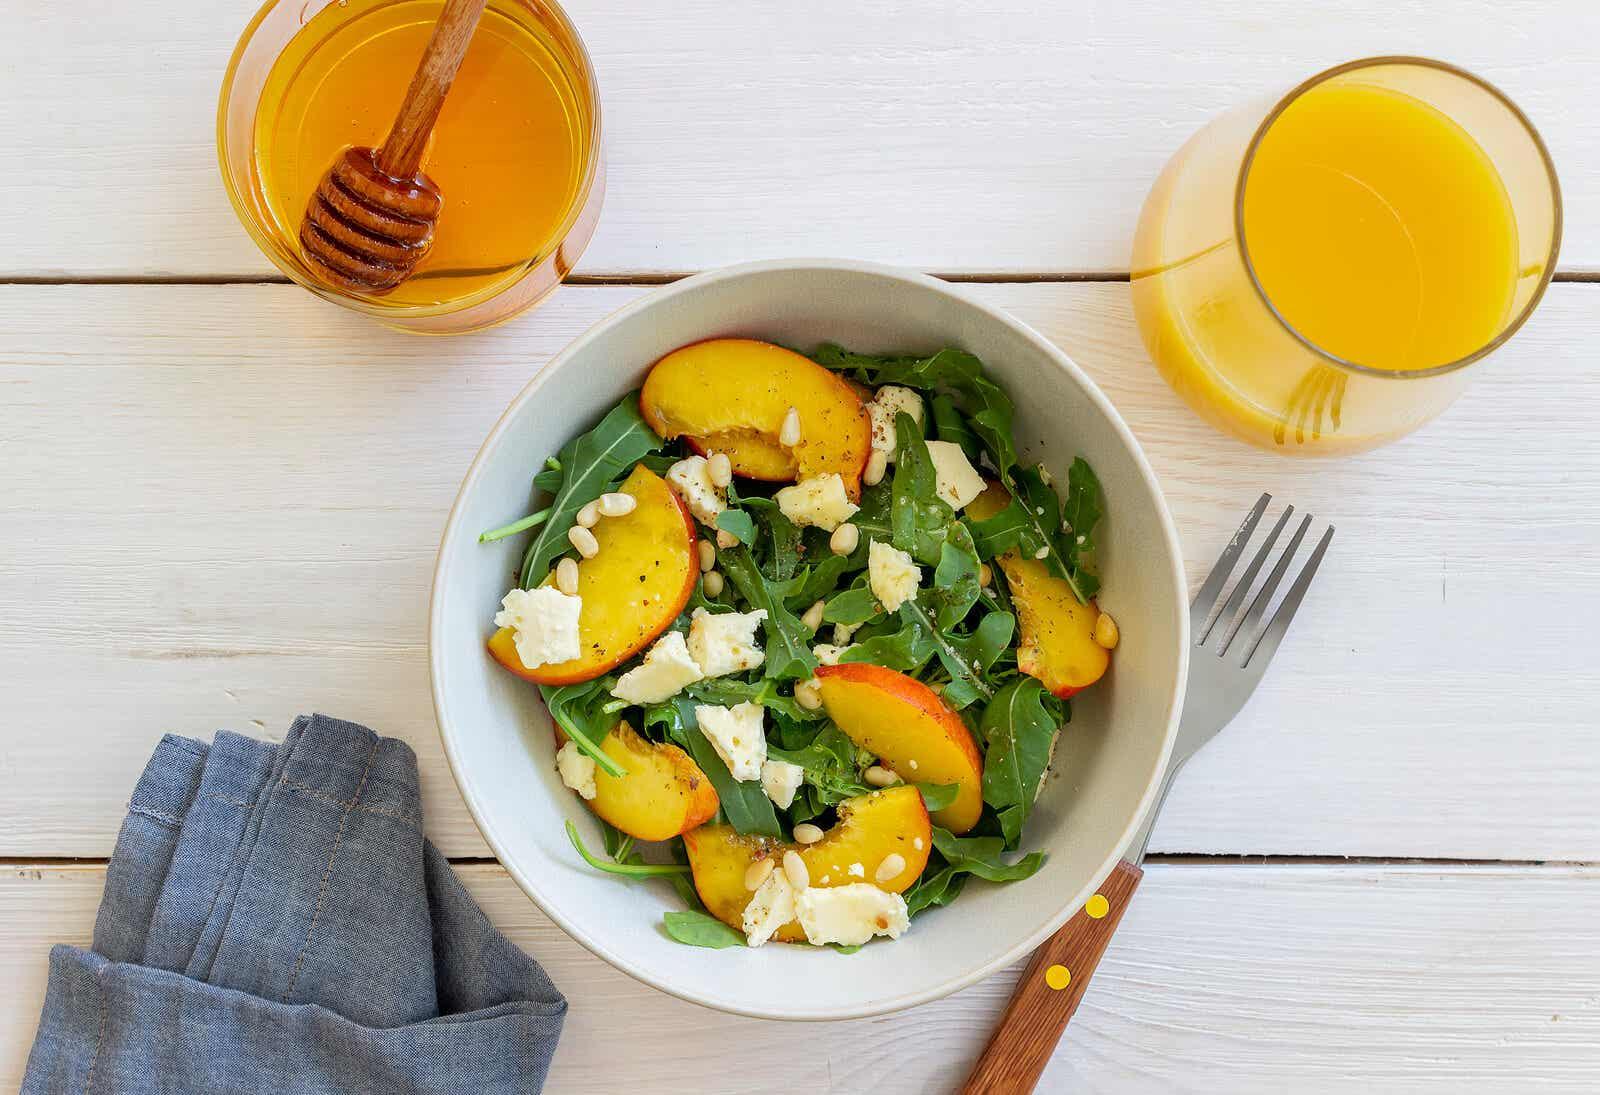 Peach and arugula salad.